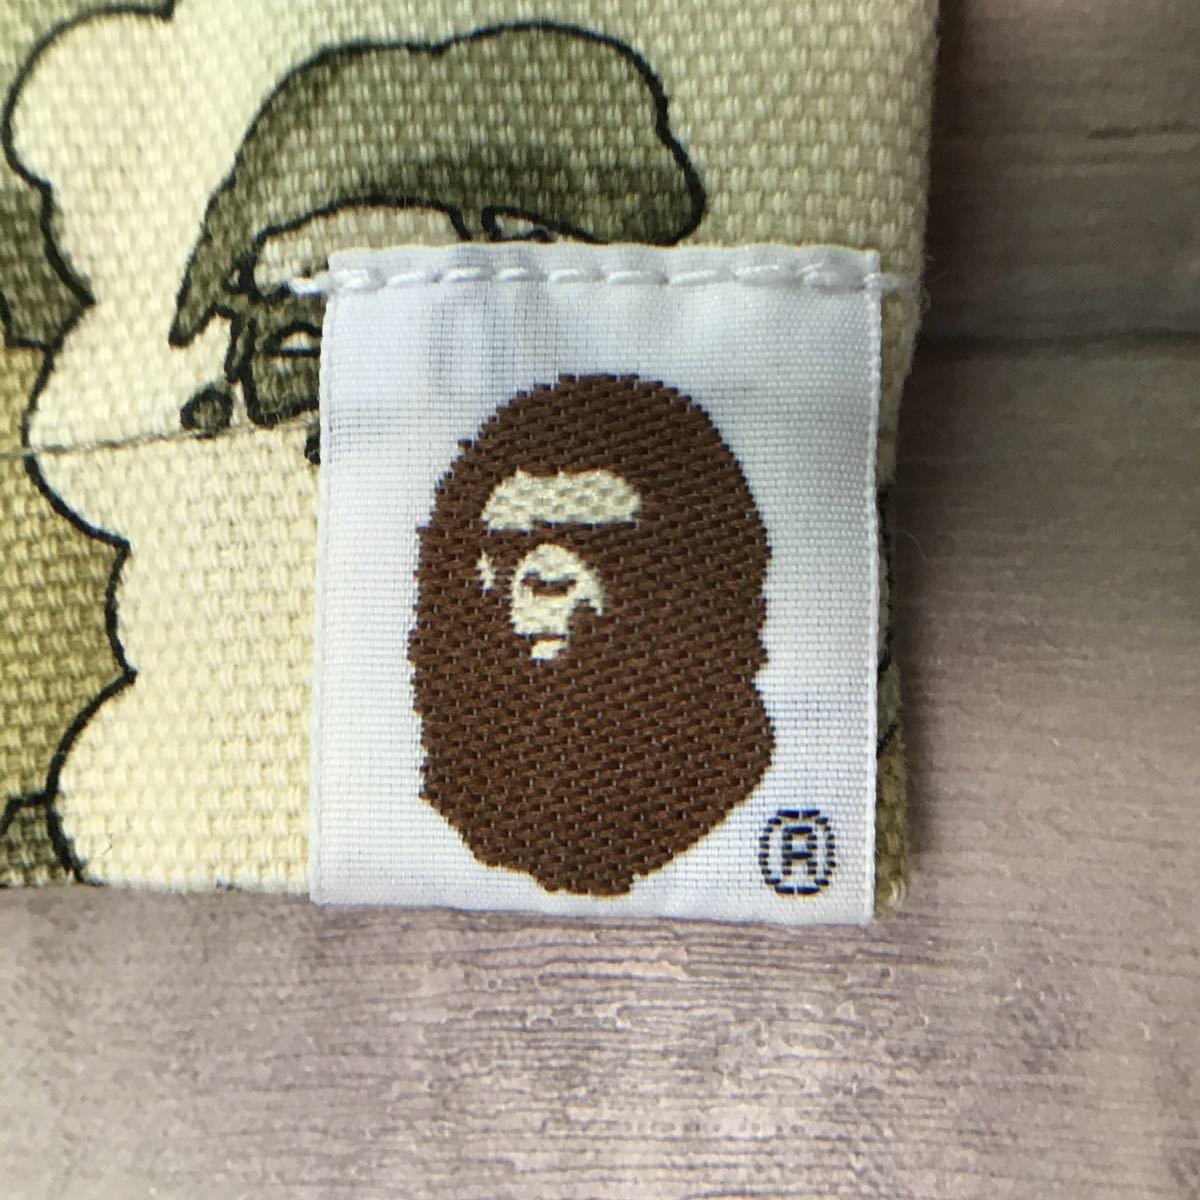 ★激レア★ kaws cloud camo ワークシャツ Lサイズ a bathing ape bape カウズ エイプ ベイプ アベイシングエイプ nigo 迷彩 vintage 7471